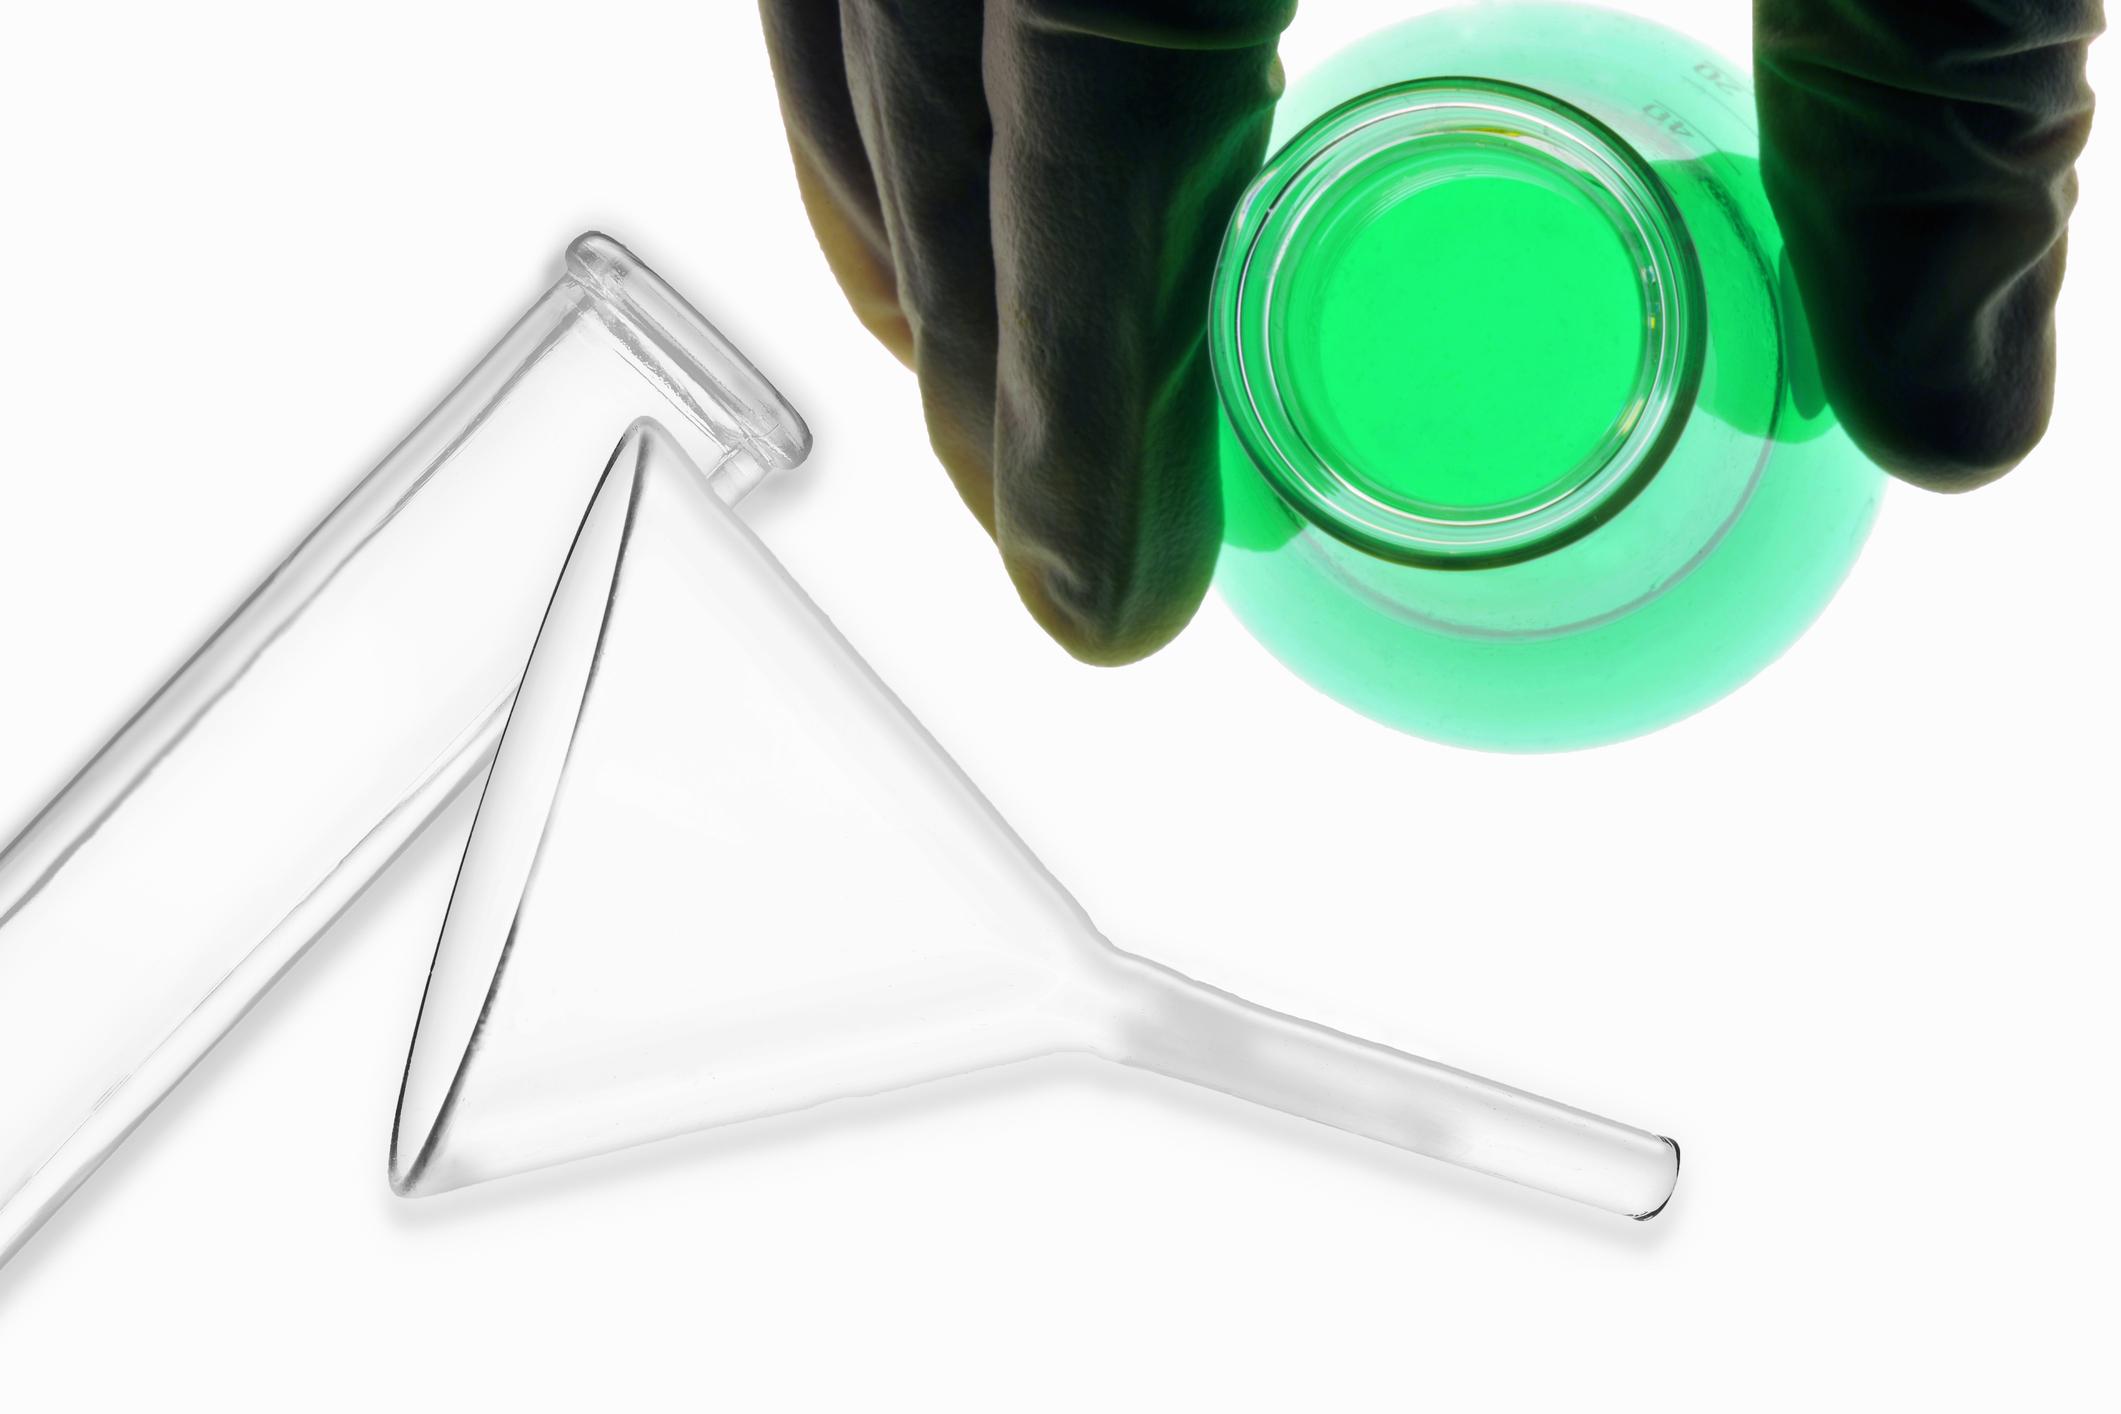 Chemical in beaker